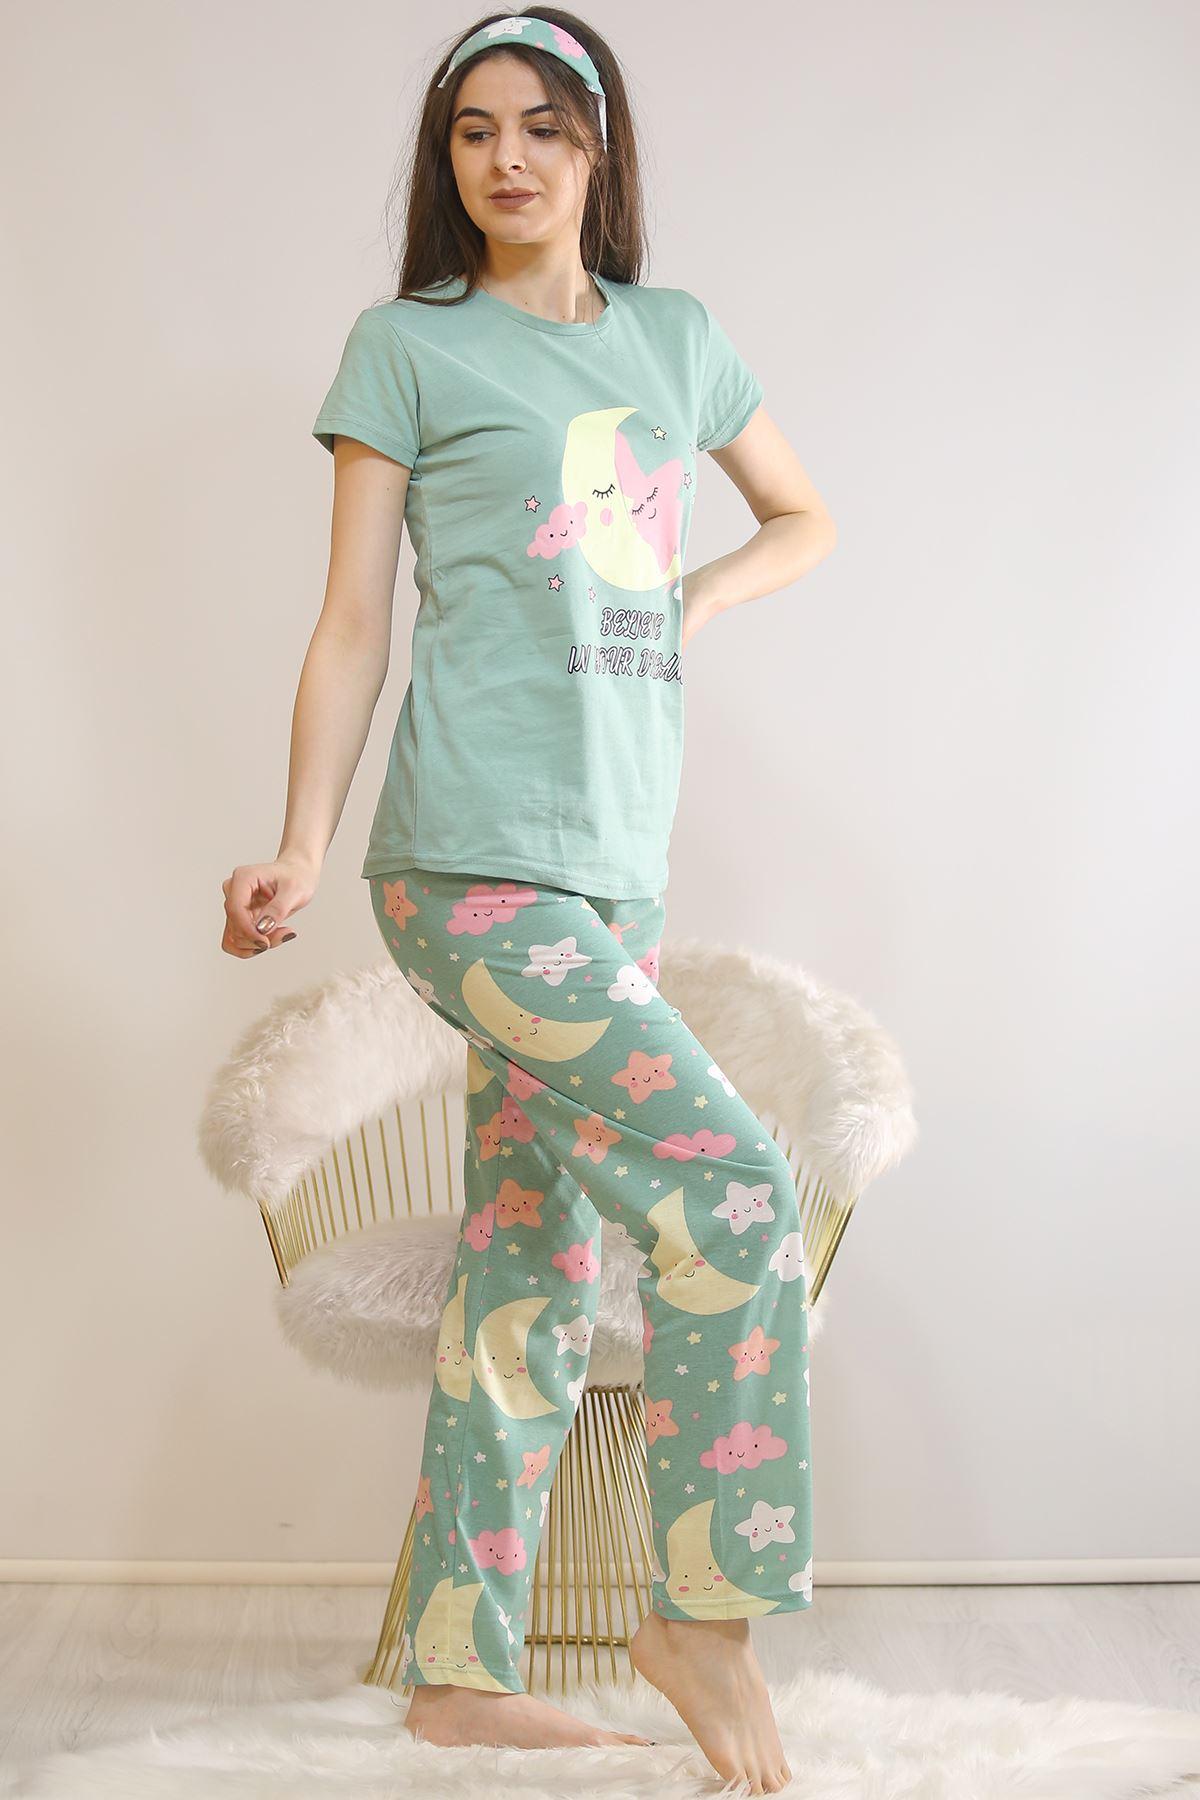 Baskılı Pijama Takımı Mint - 21834.1059.